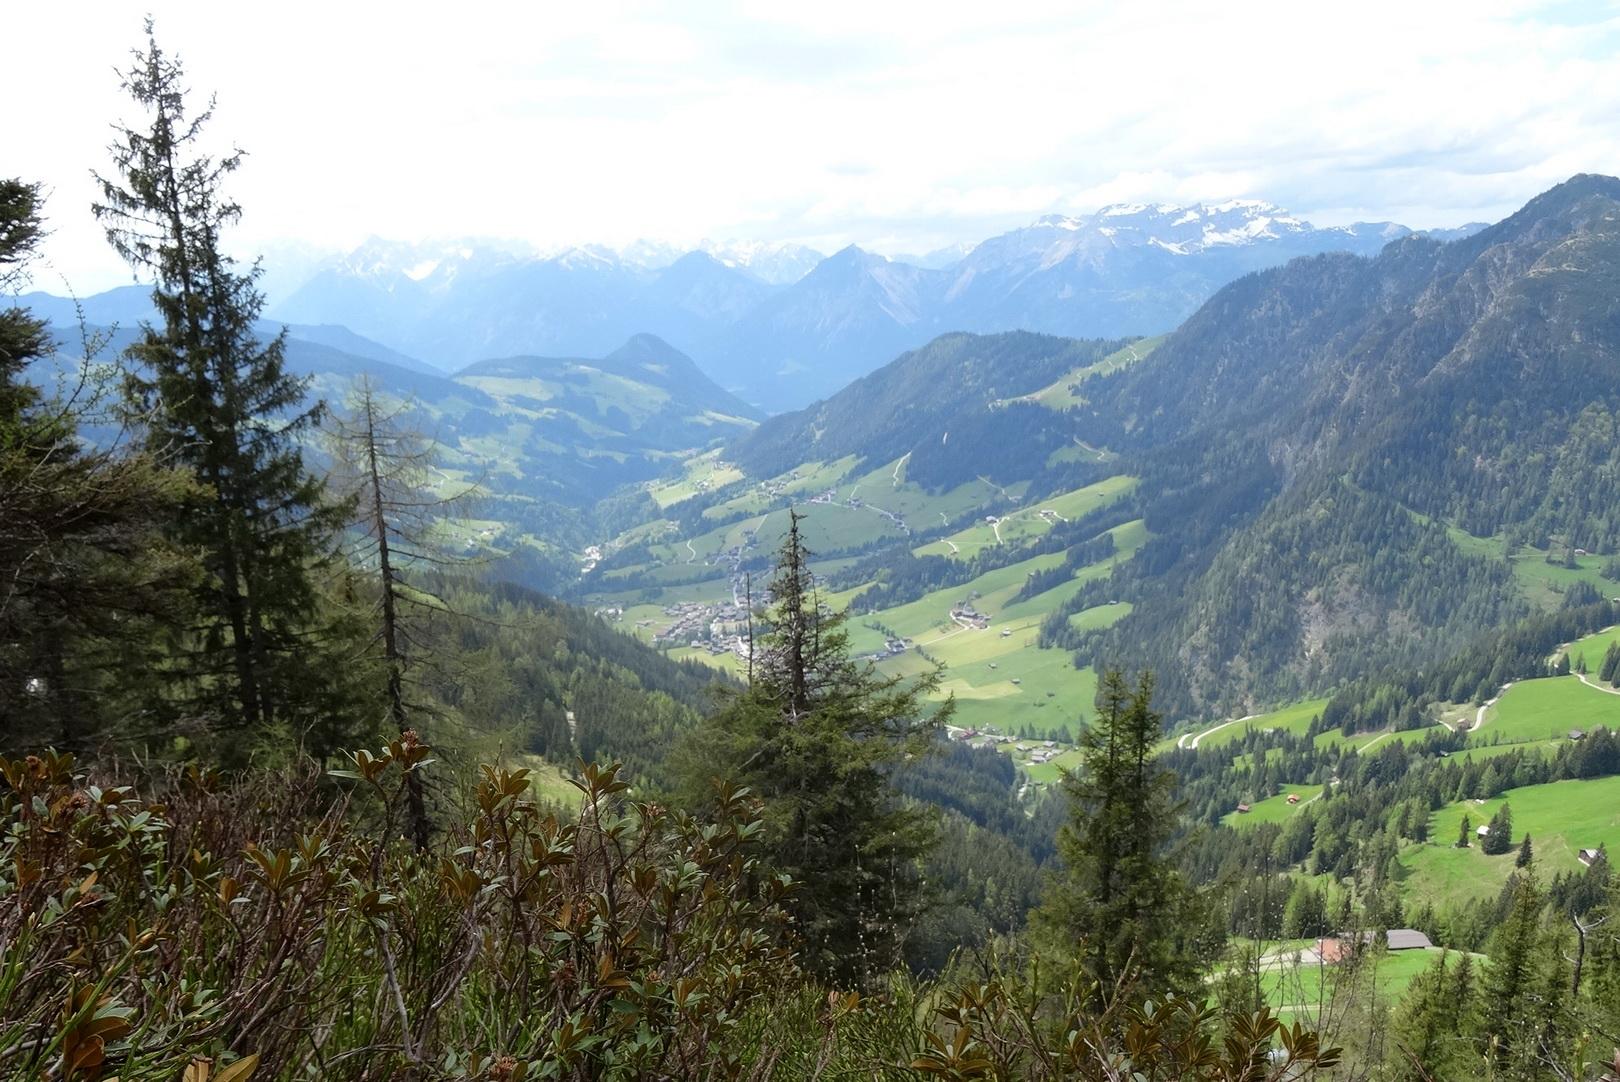 Kursangebot | Ski- und Snowboardschule Alpbach